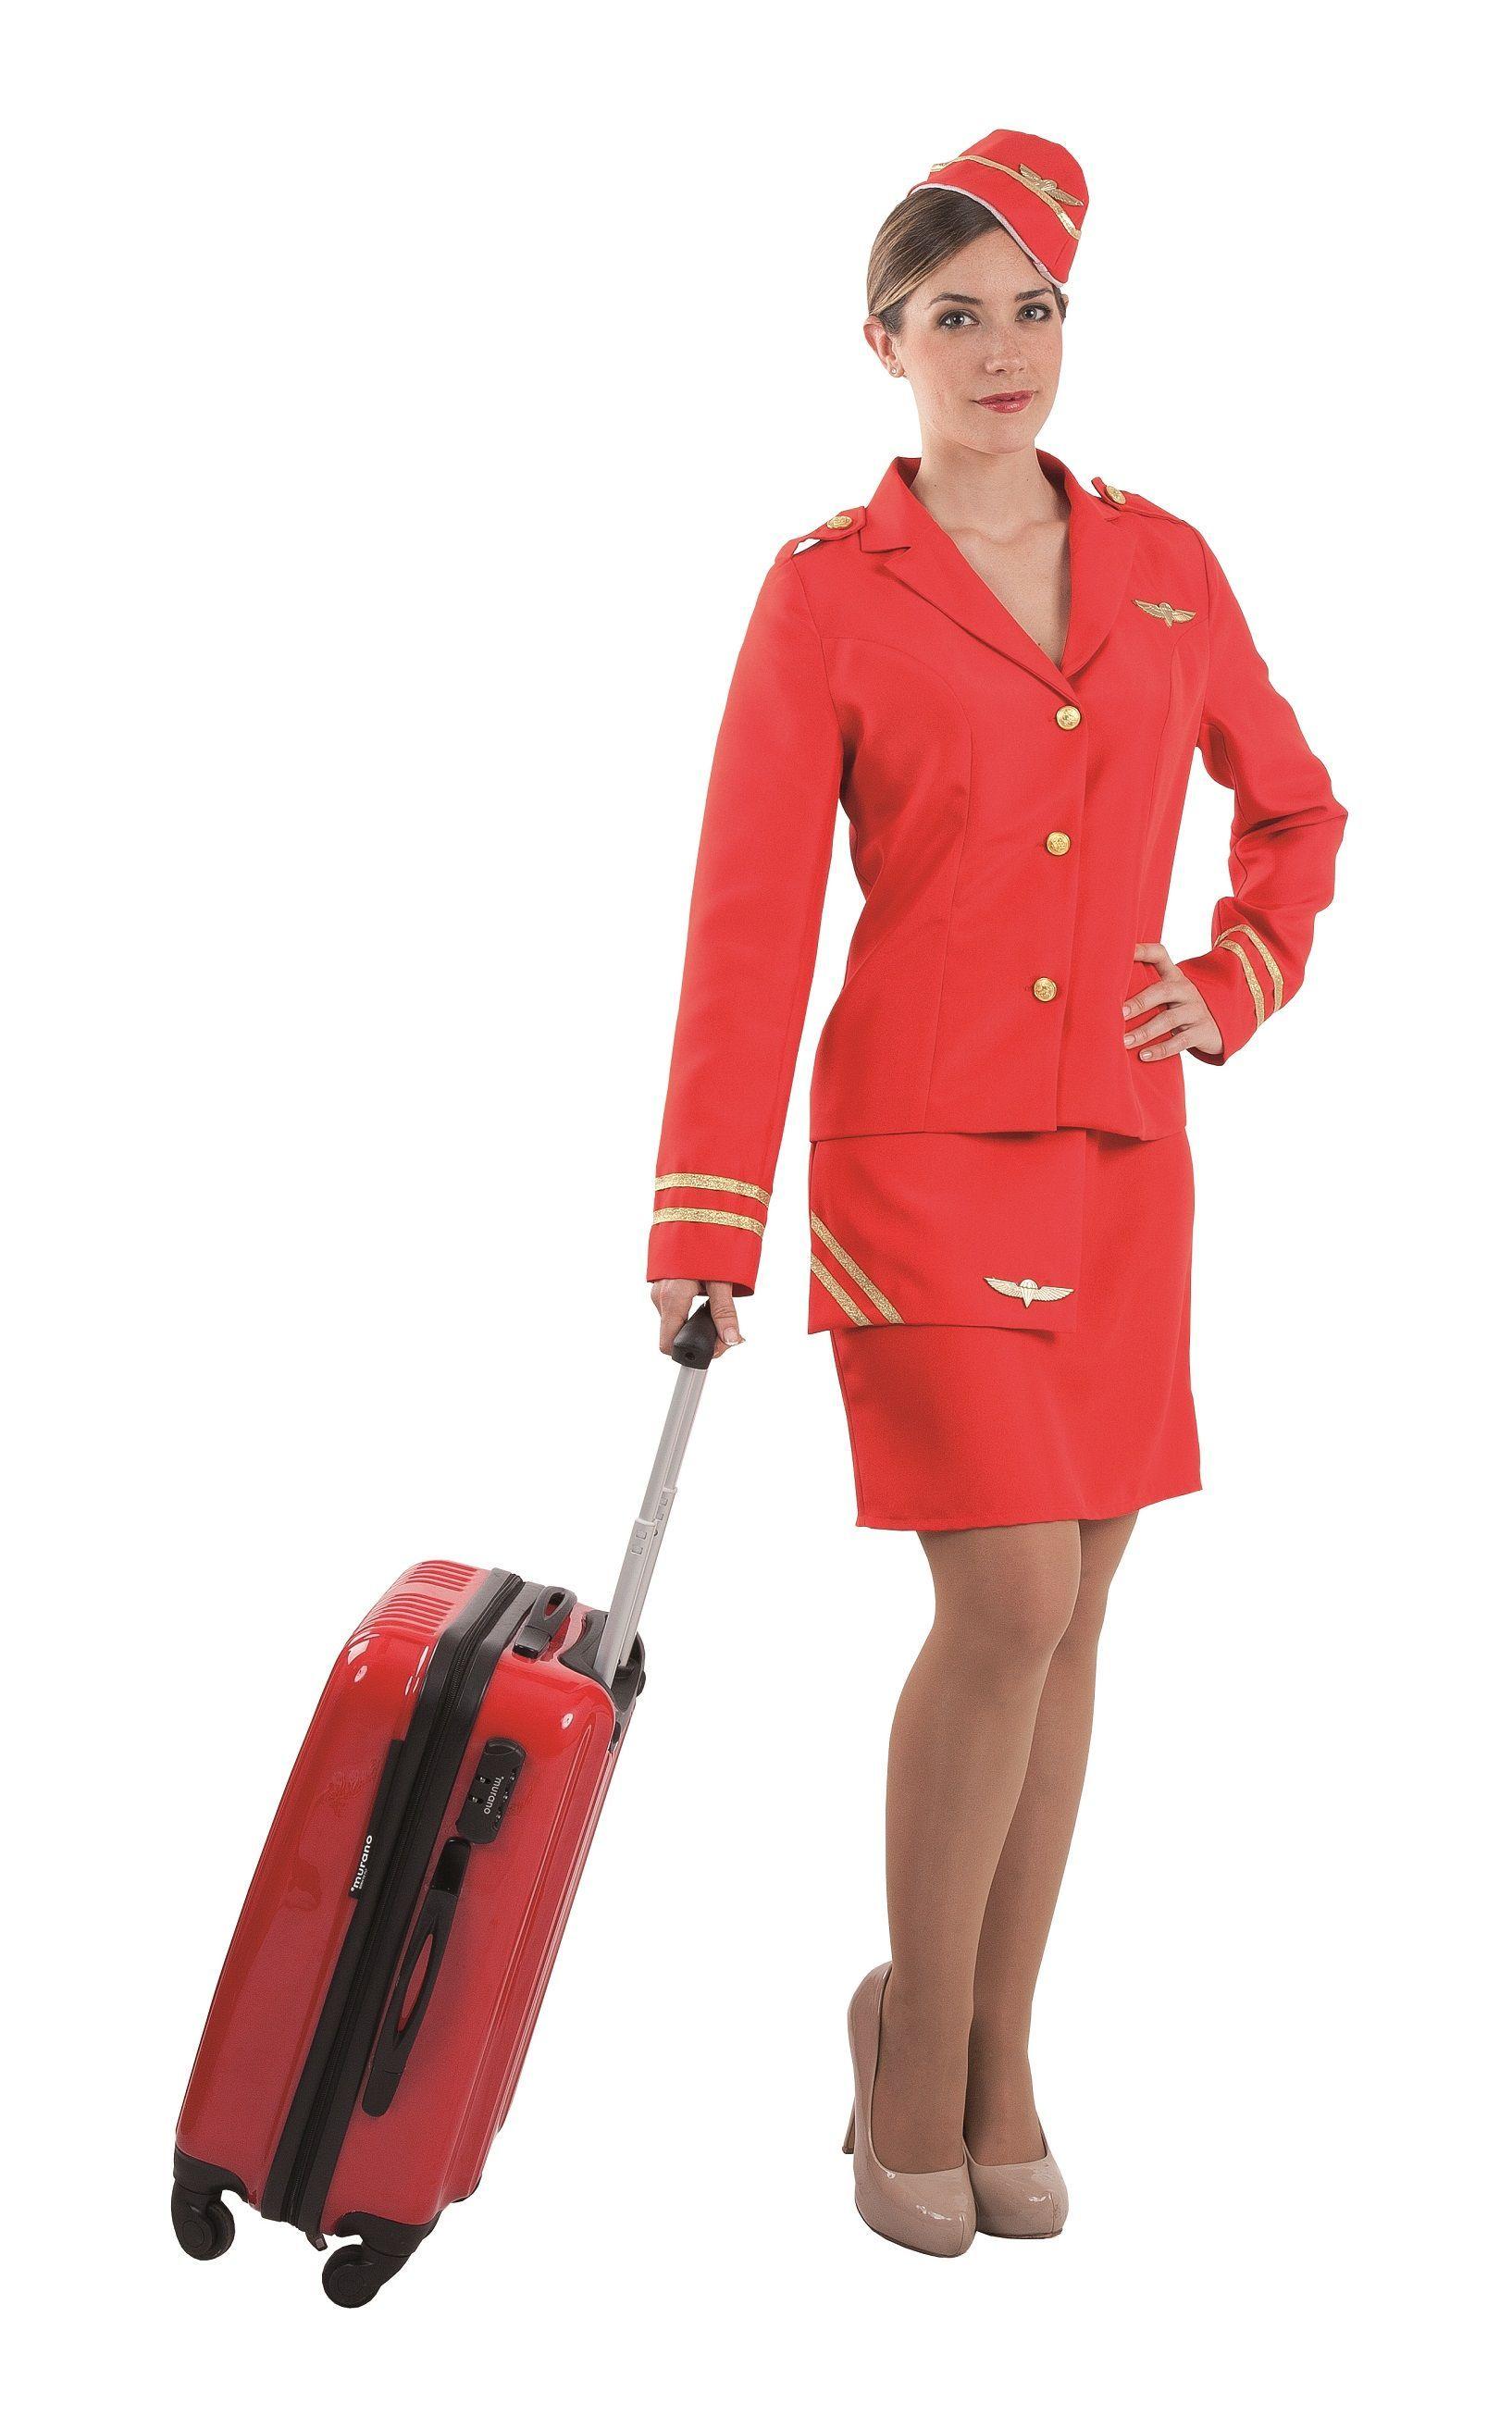 c2481f1558 Disfraz de azafata de vuelo color rojo para mujer